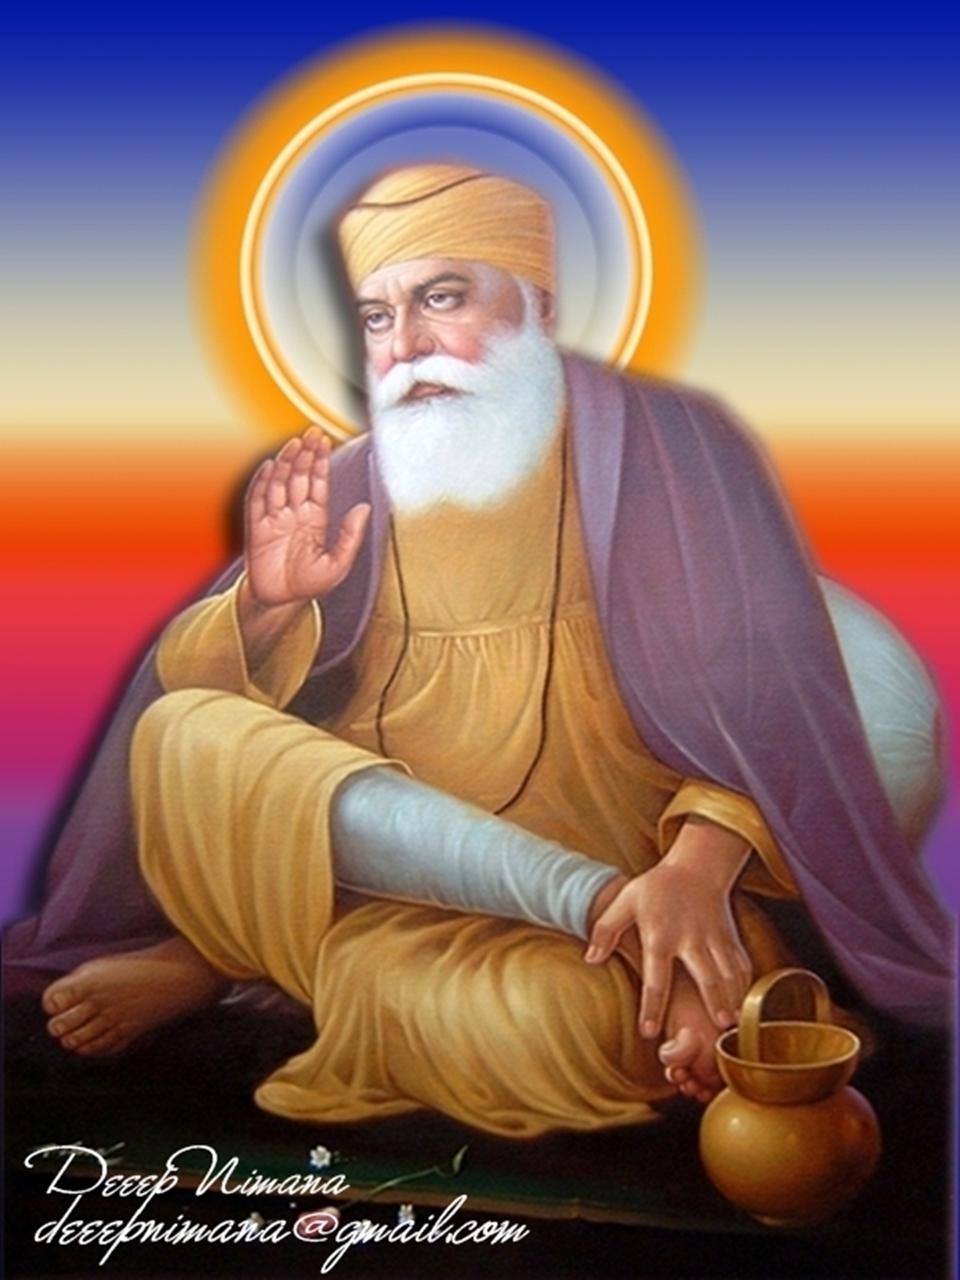 Shri guru nanak dev ji punjabi wallpapers hollywood wallpapers bollywood wallpapers love - Guru nanak dev ji pics hd ...